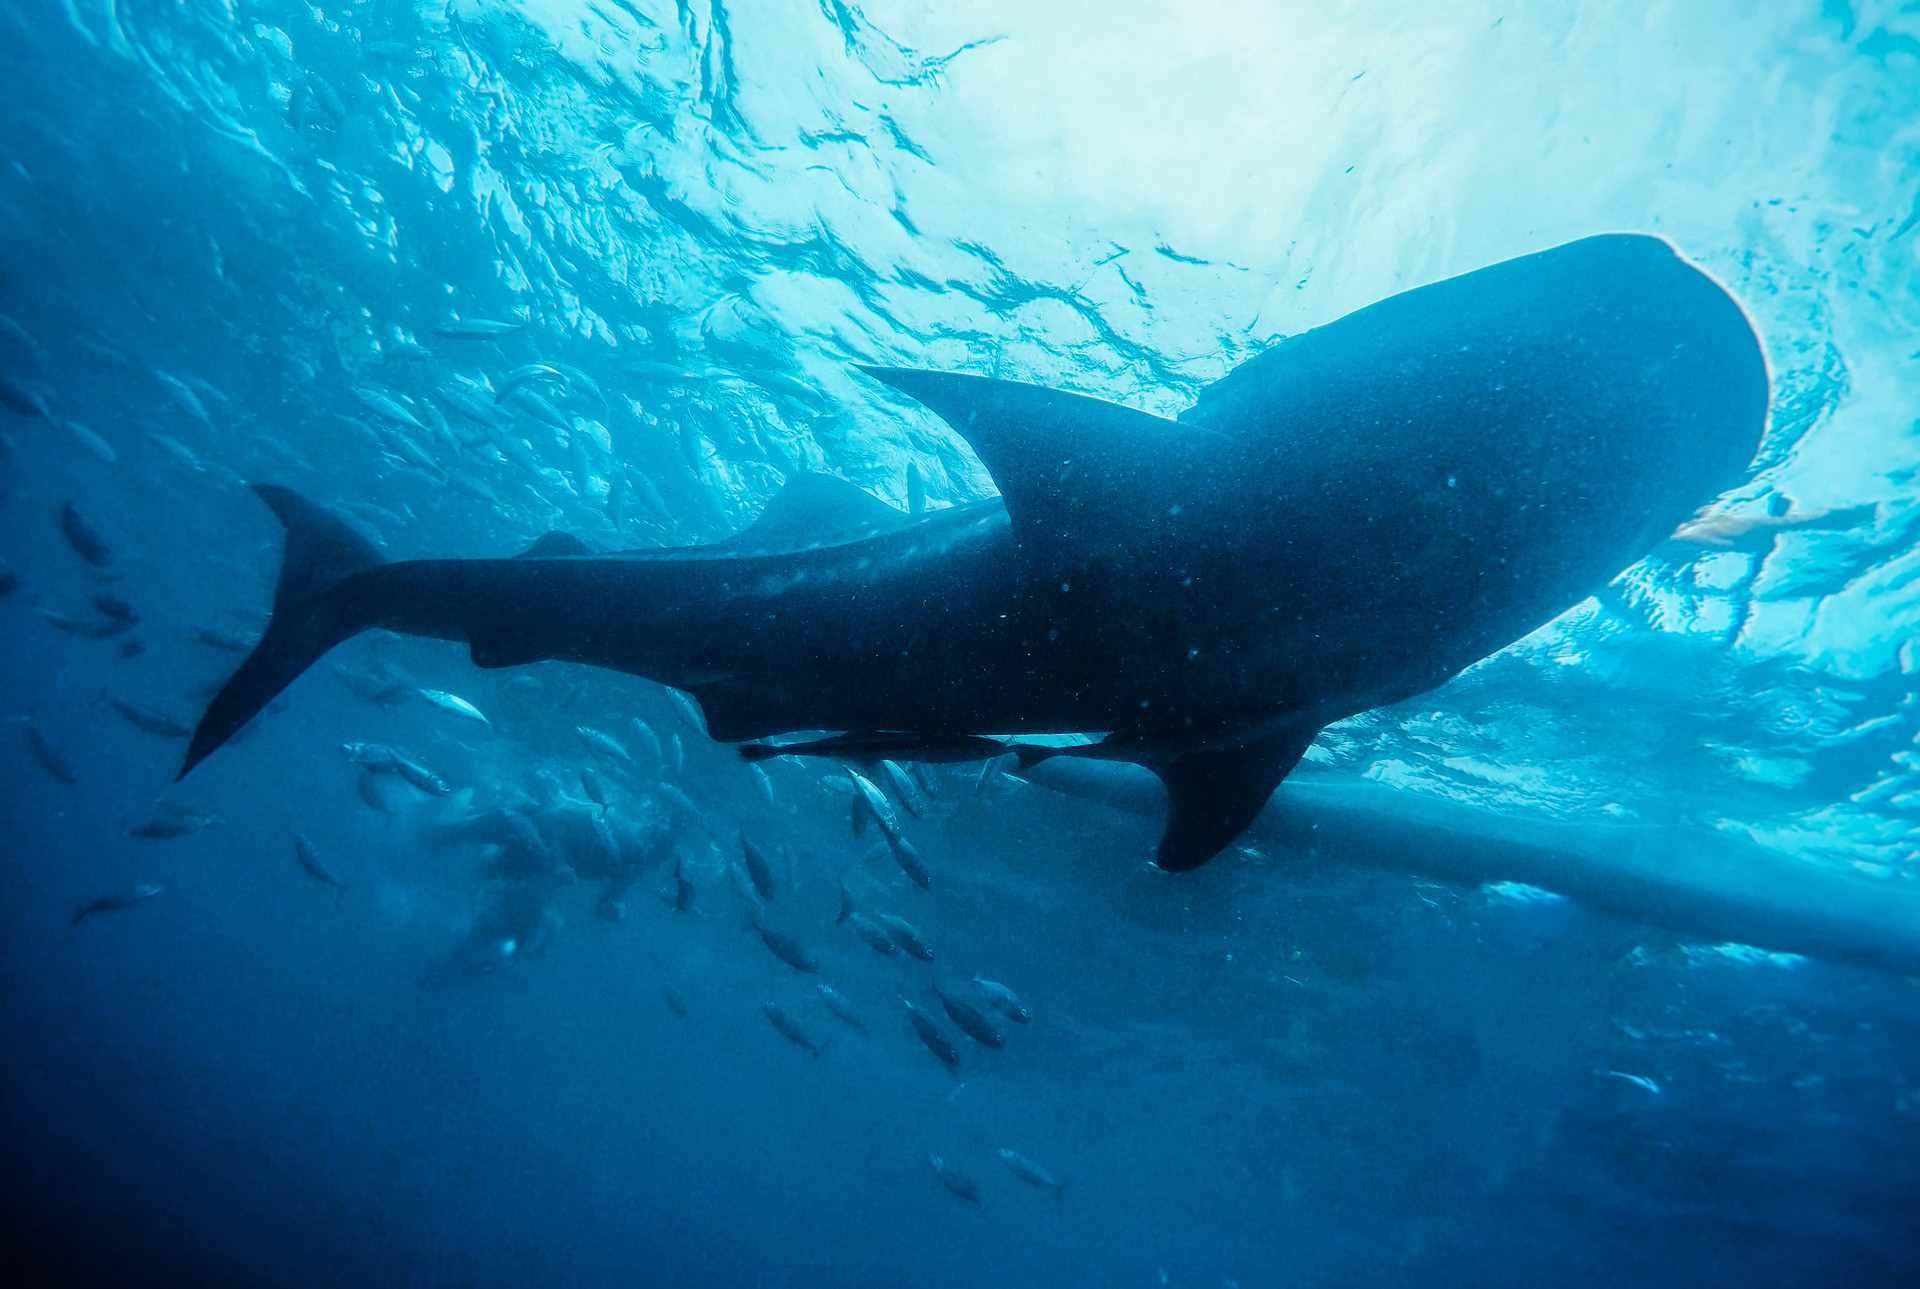 海洋里最大的鱼是什么鱼